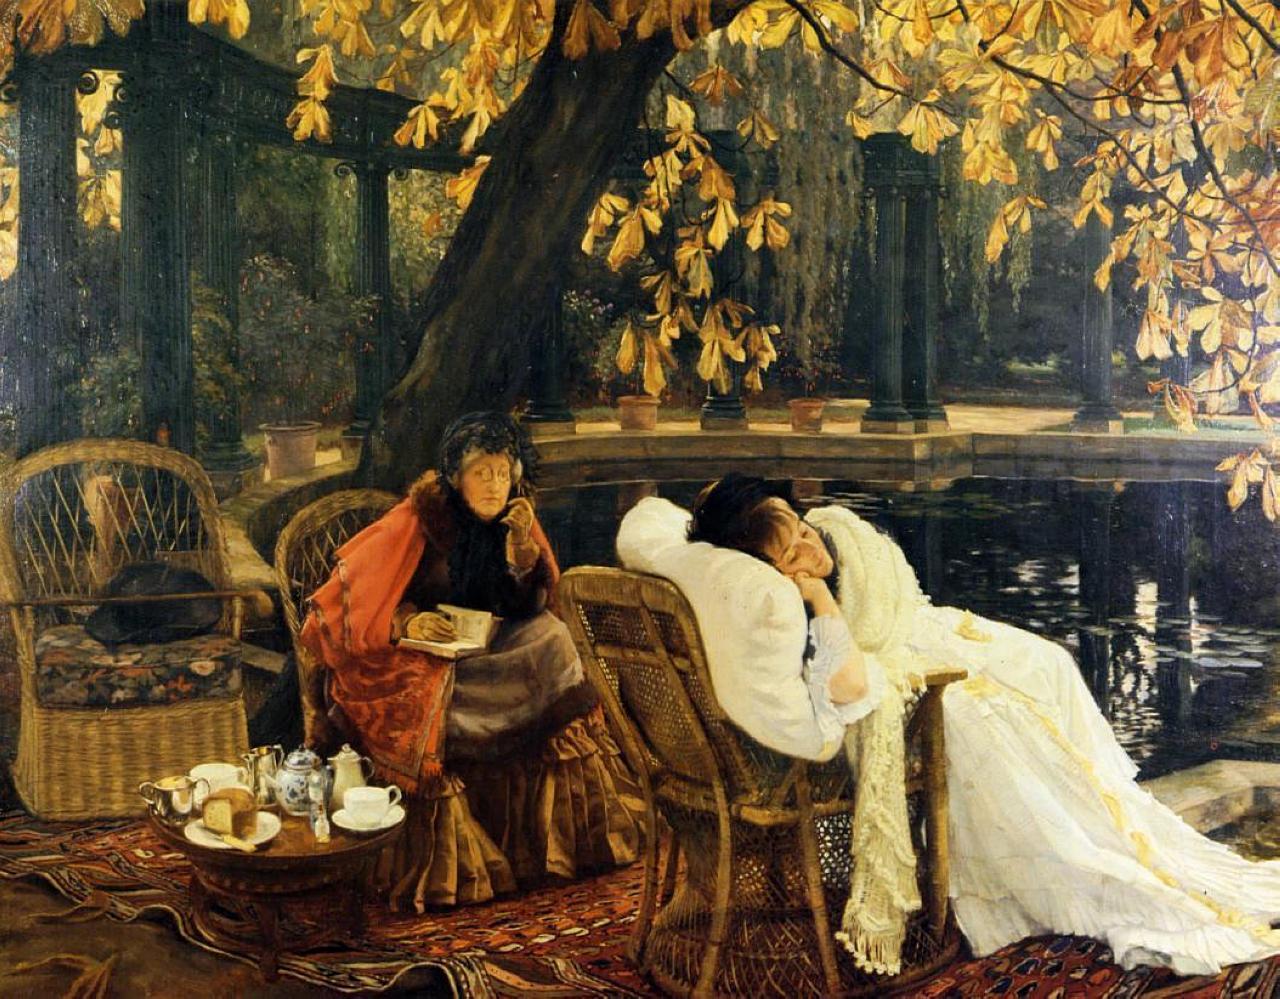 Джеймс Тиссо. Выздоровление. 1876